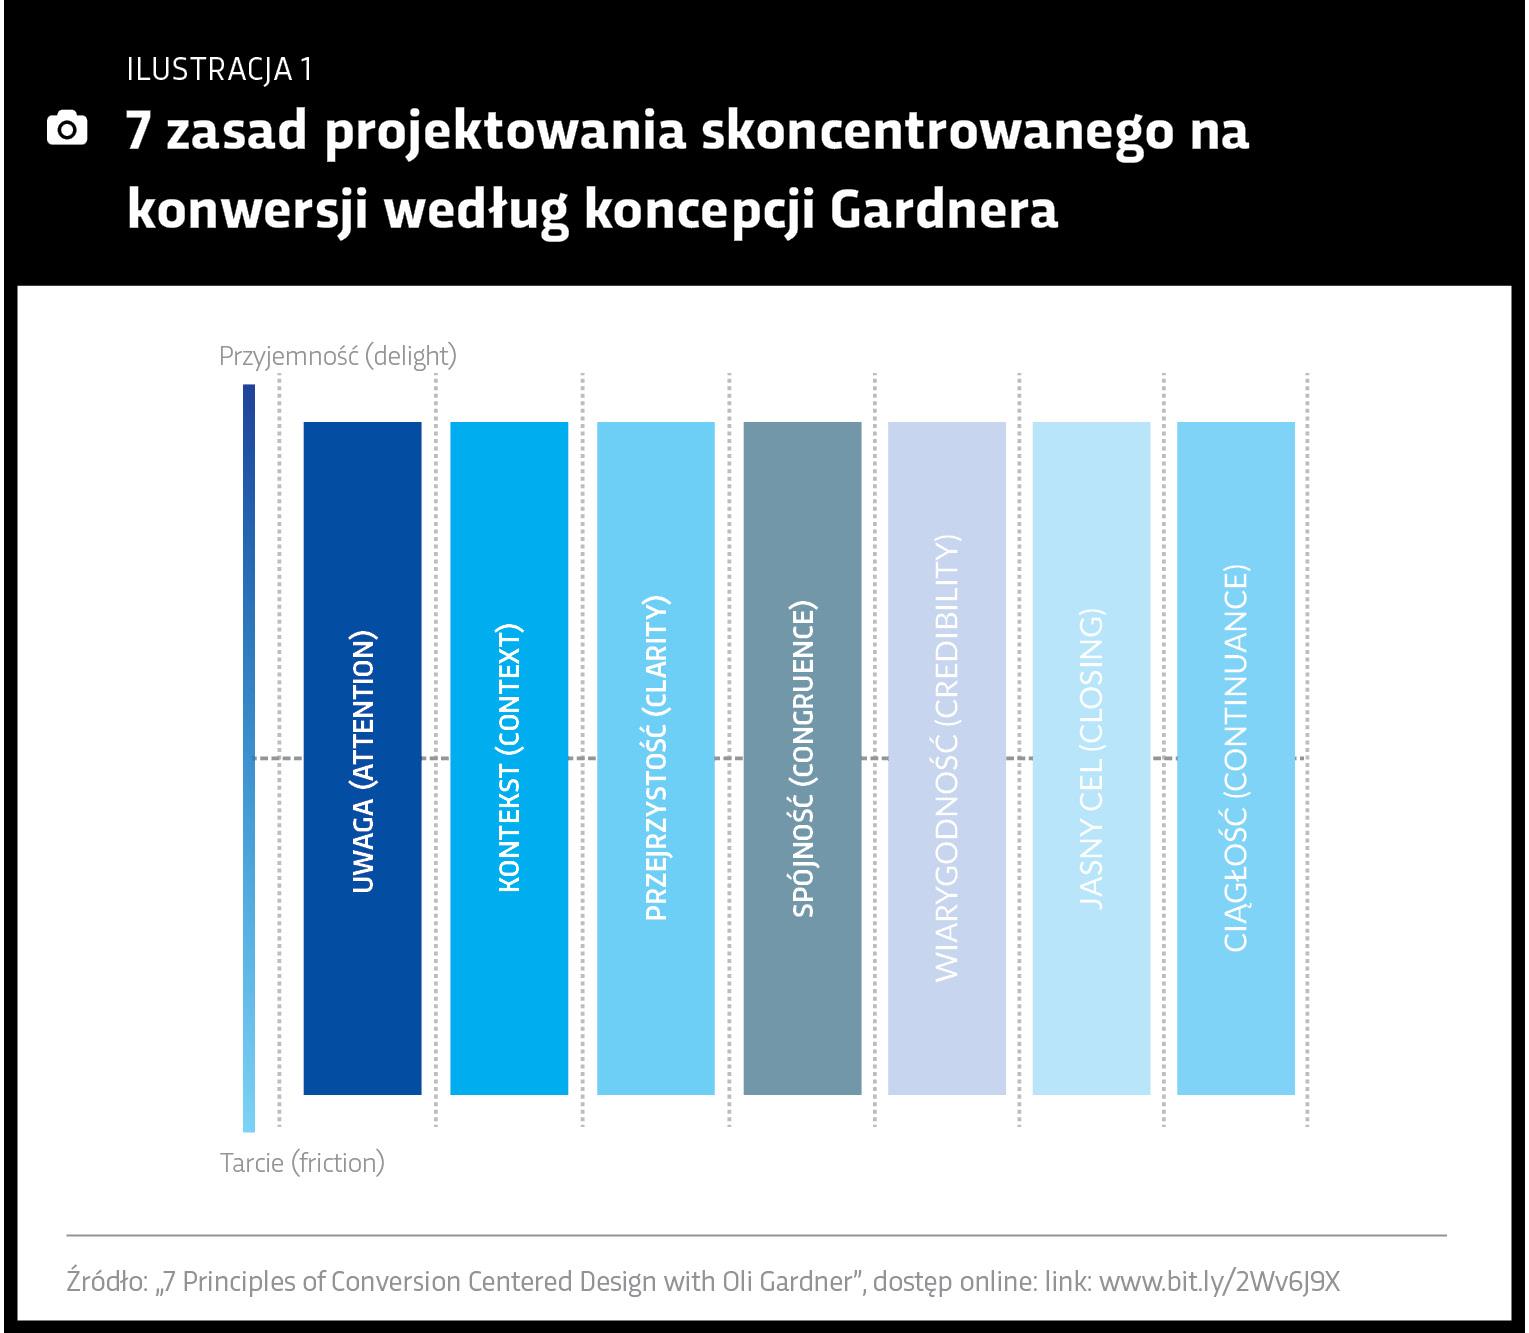 7 zasad projektowania skoncentrowanego na konwersji